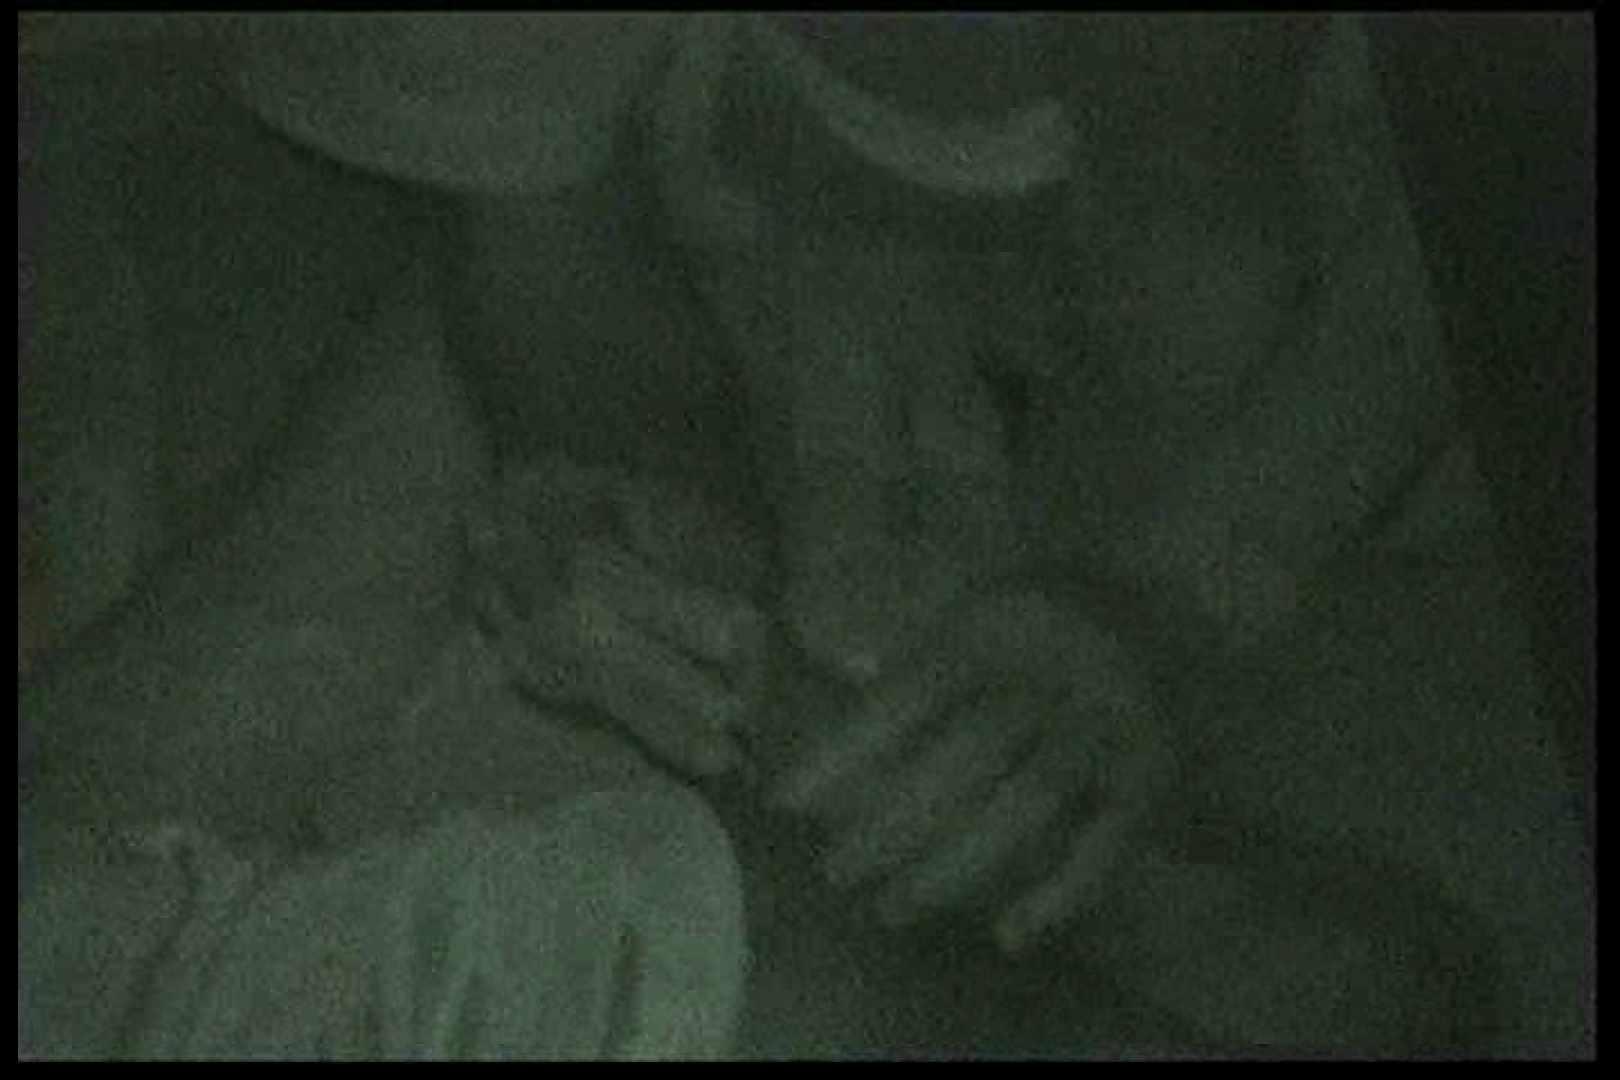 車の中はラブホテル 無修正版  Vol.13 車の中のカップル 盗み撮り動画 64画像 18